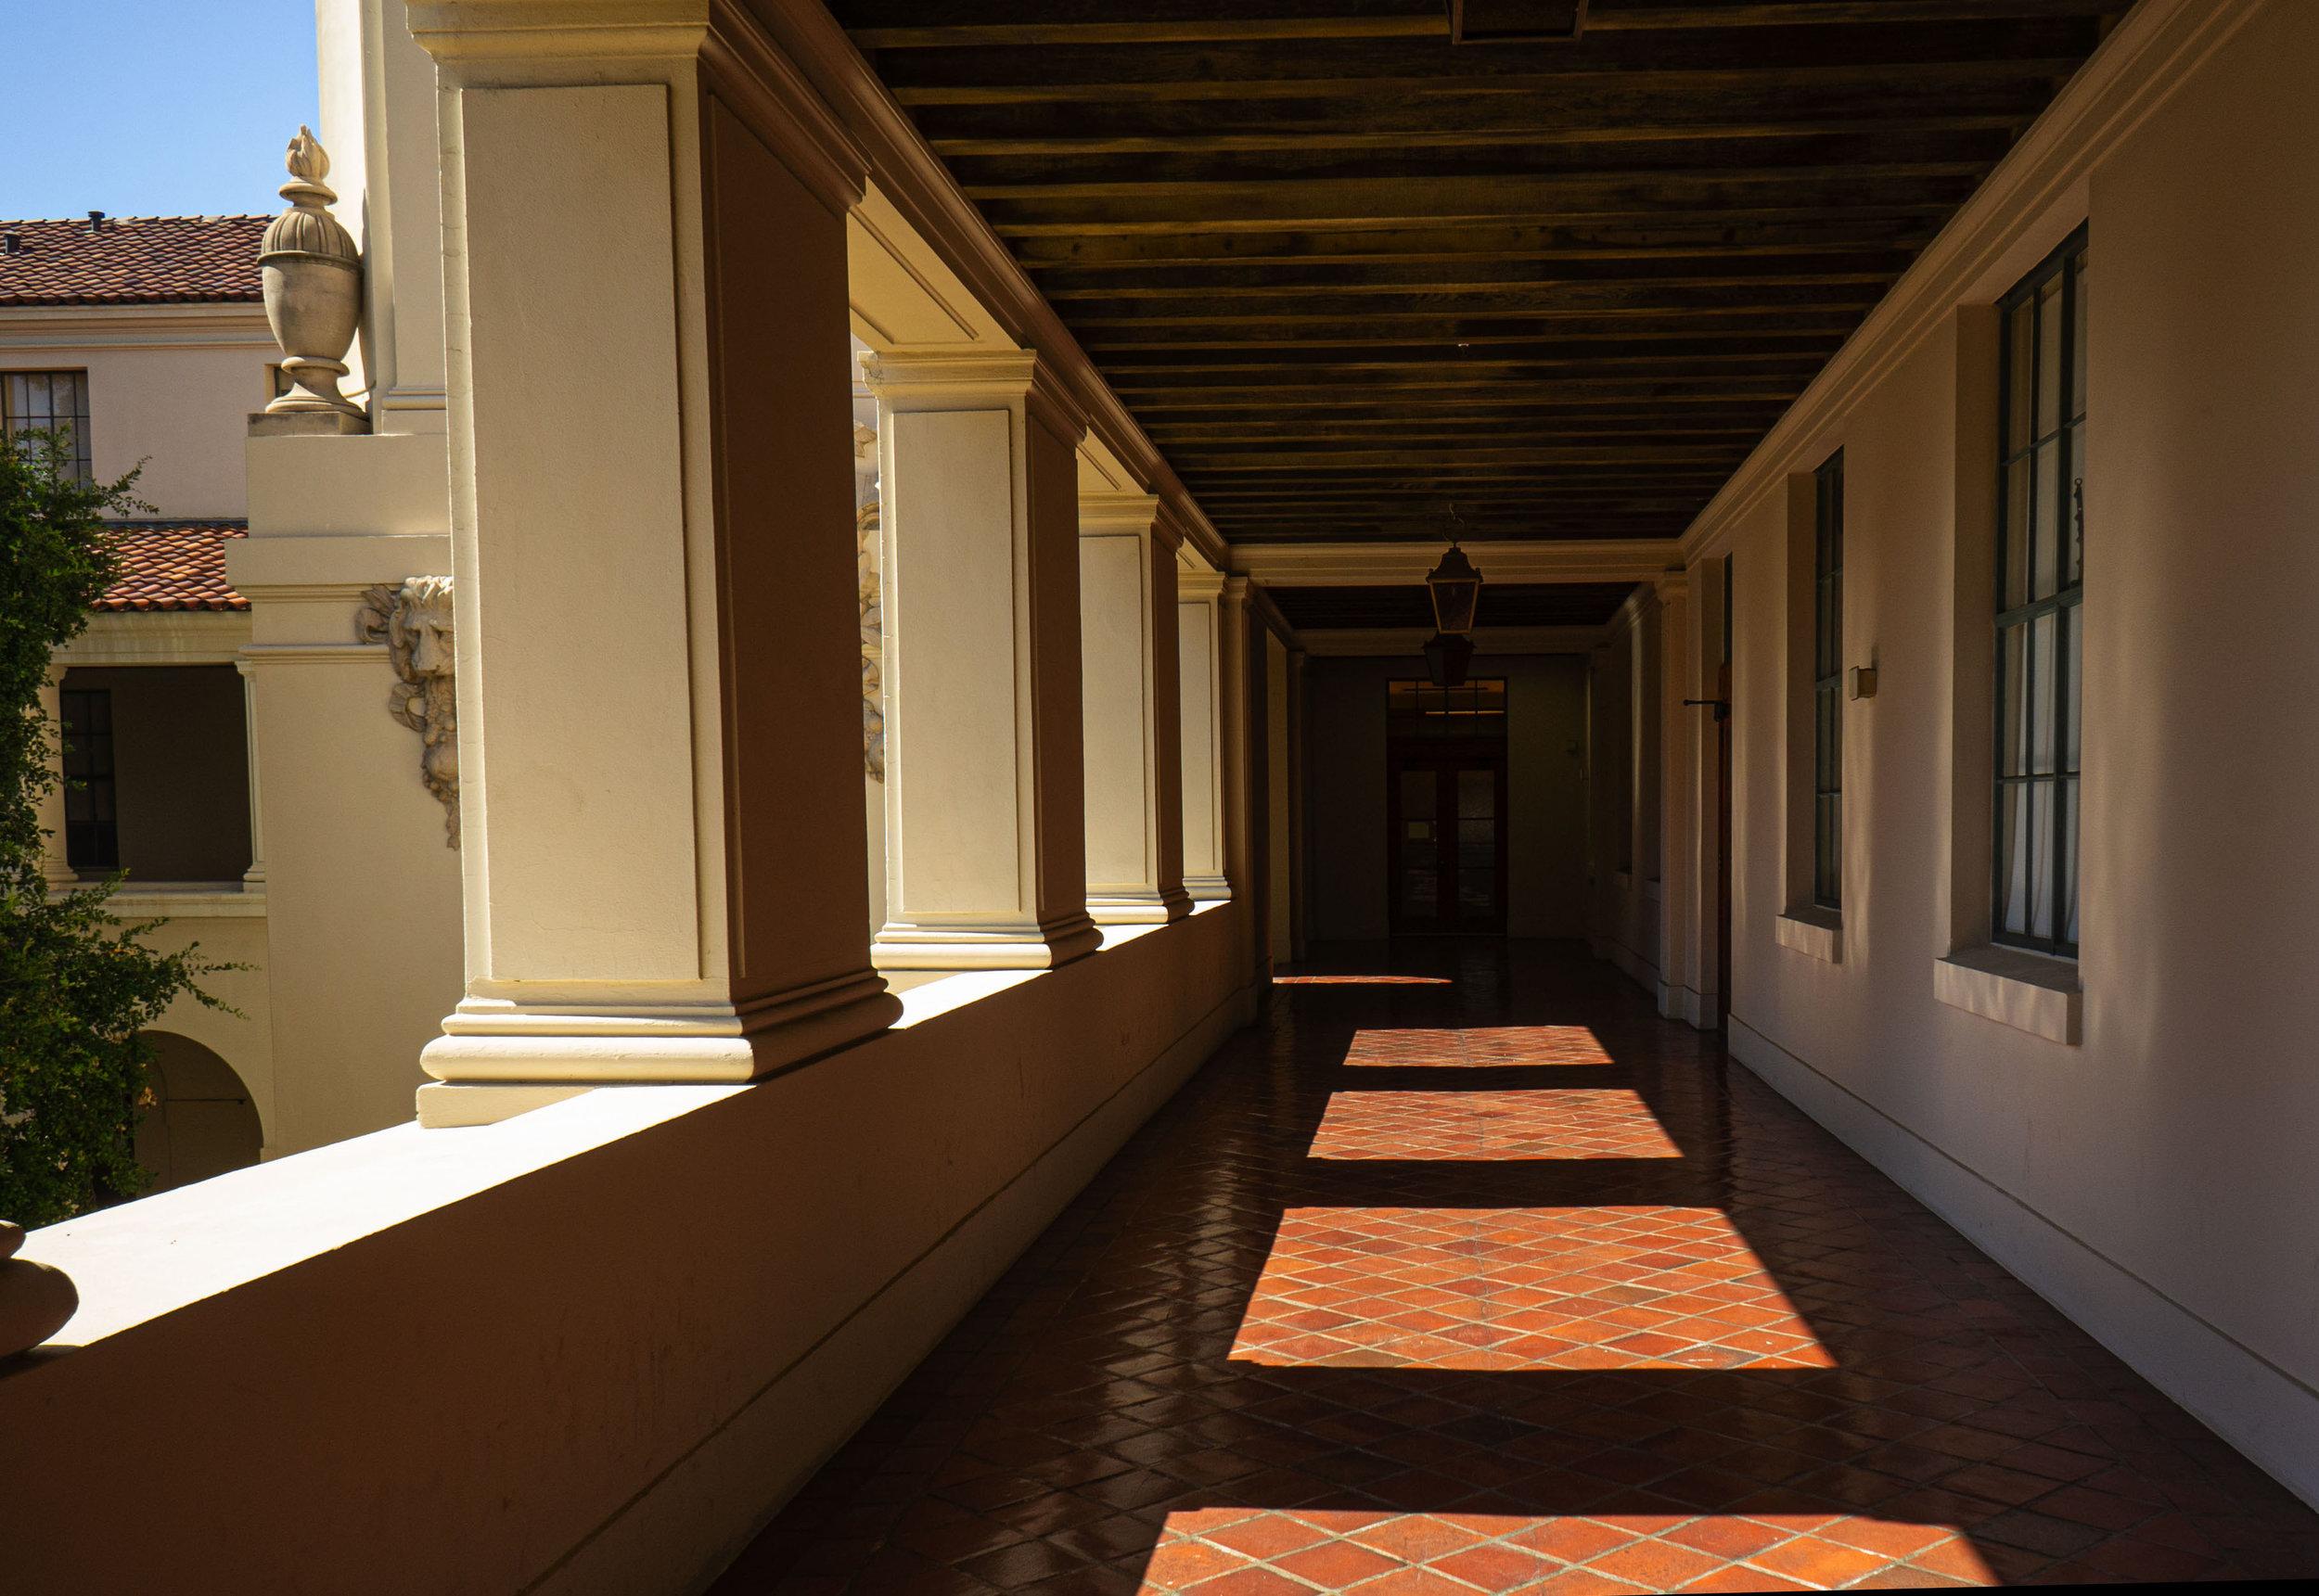 pasadena city hall stills corrected - 5.jpg